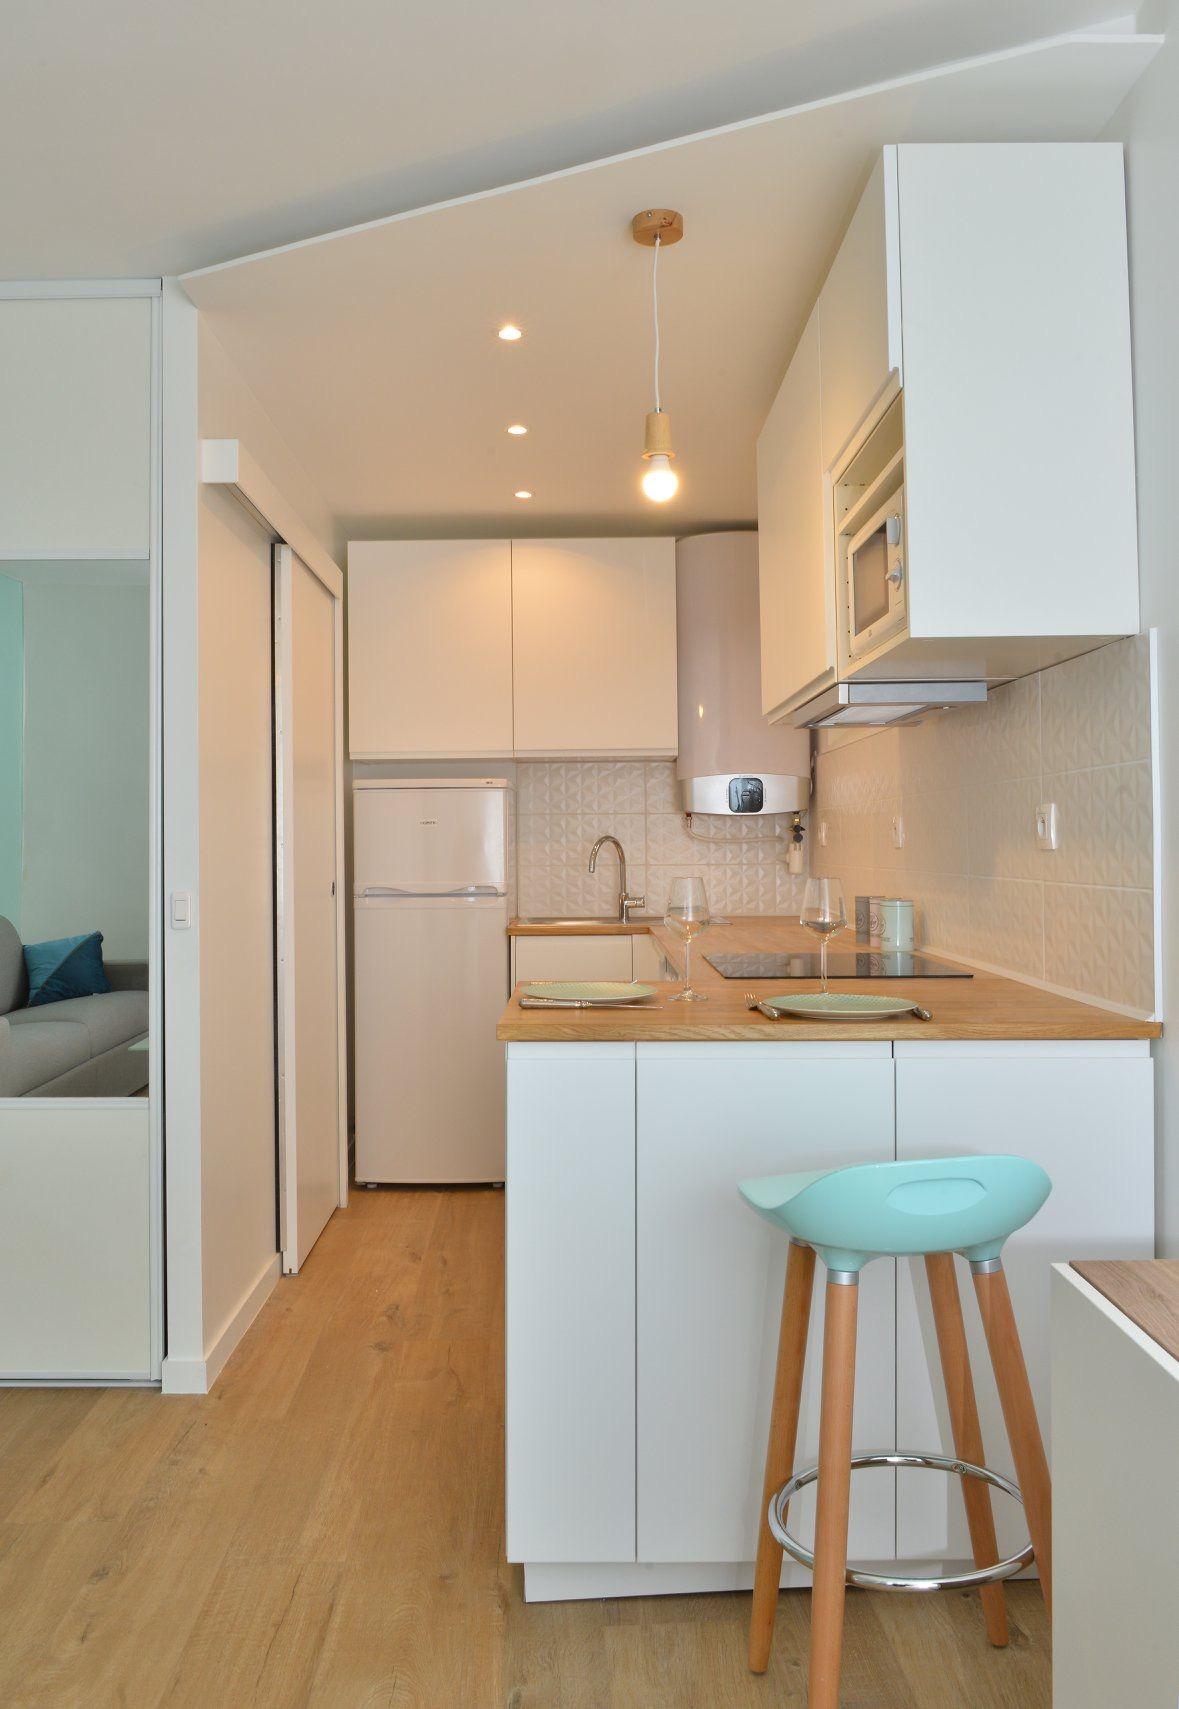 meuble gain de place cuisine top amnagement et dcoration studio location meuble gain de place. Black Bedroom Furniture Sets. Home Design Ideas